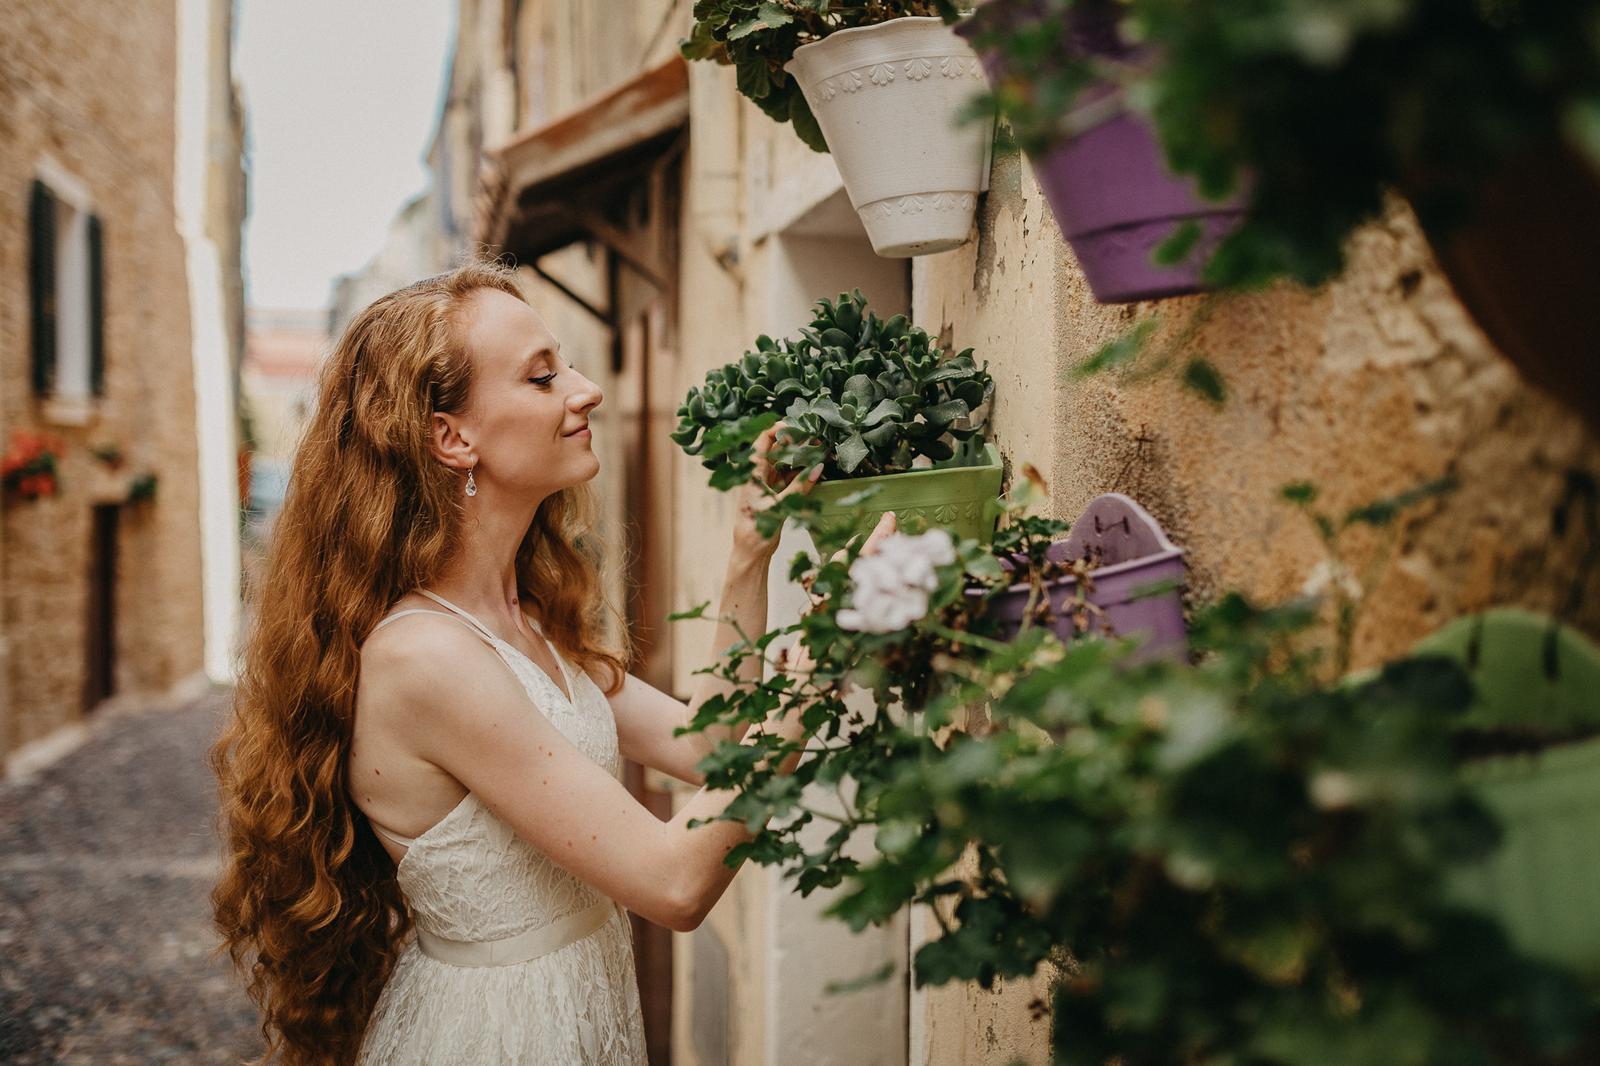 Naše svadobné fotenie na Sardínii - Zbožňujem sukulenty :-D